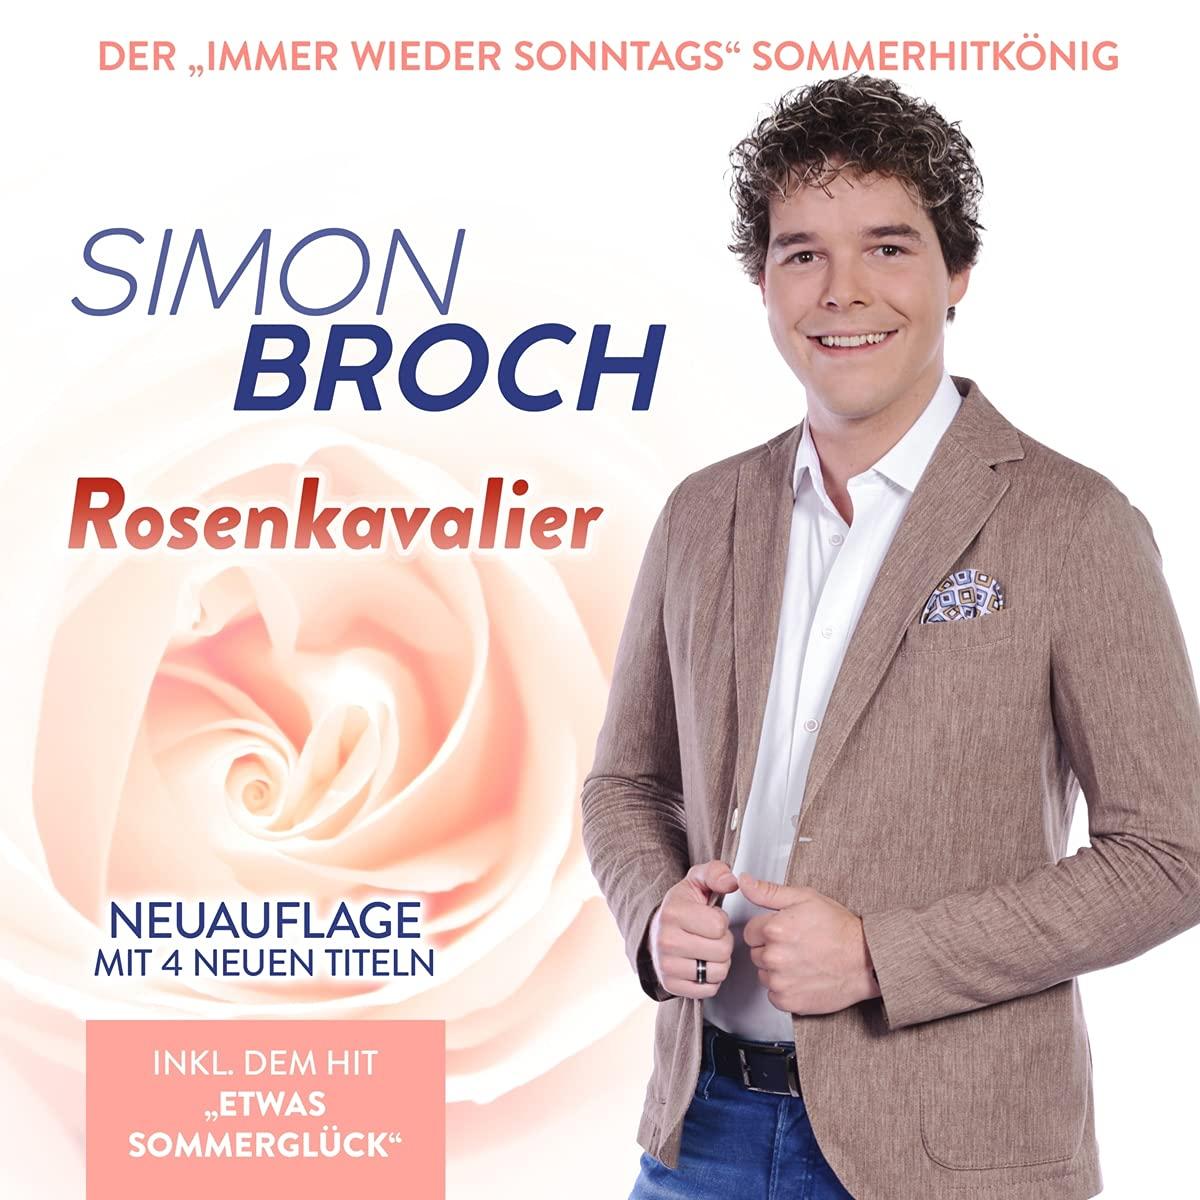 SIMON BROCH * Rosenkavalier (CD) * Neuauflage mit 4 neuen Titeln inkl. des IMMER WIEDER SONNTAGS Sommerhits ETWAS SOMMERGLÜCK